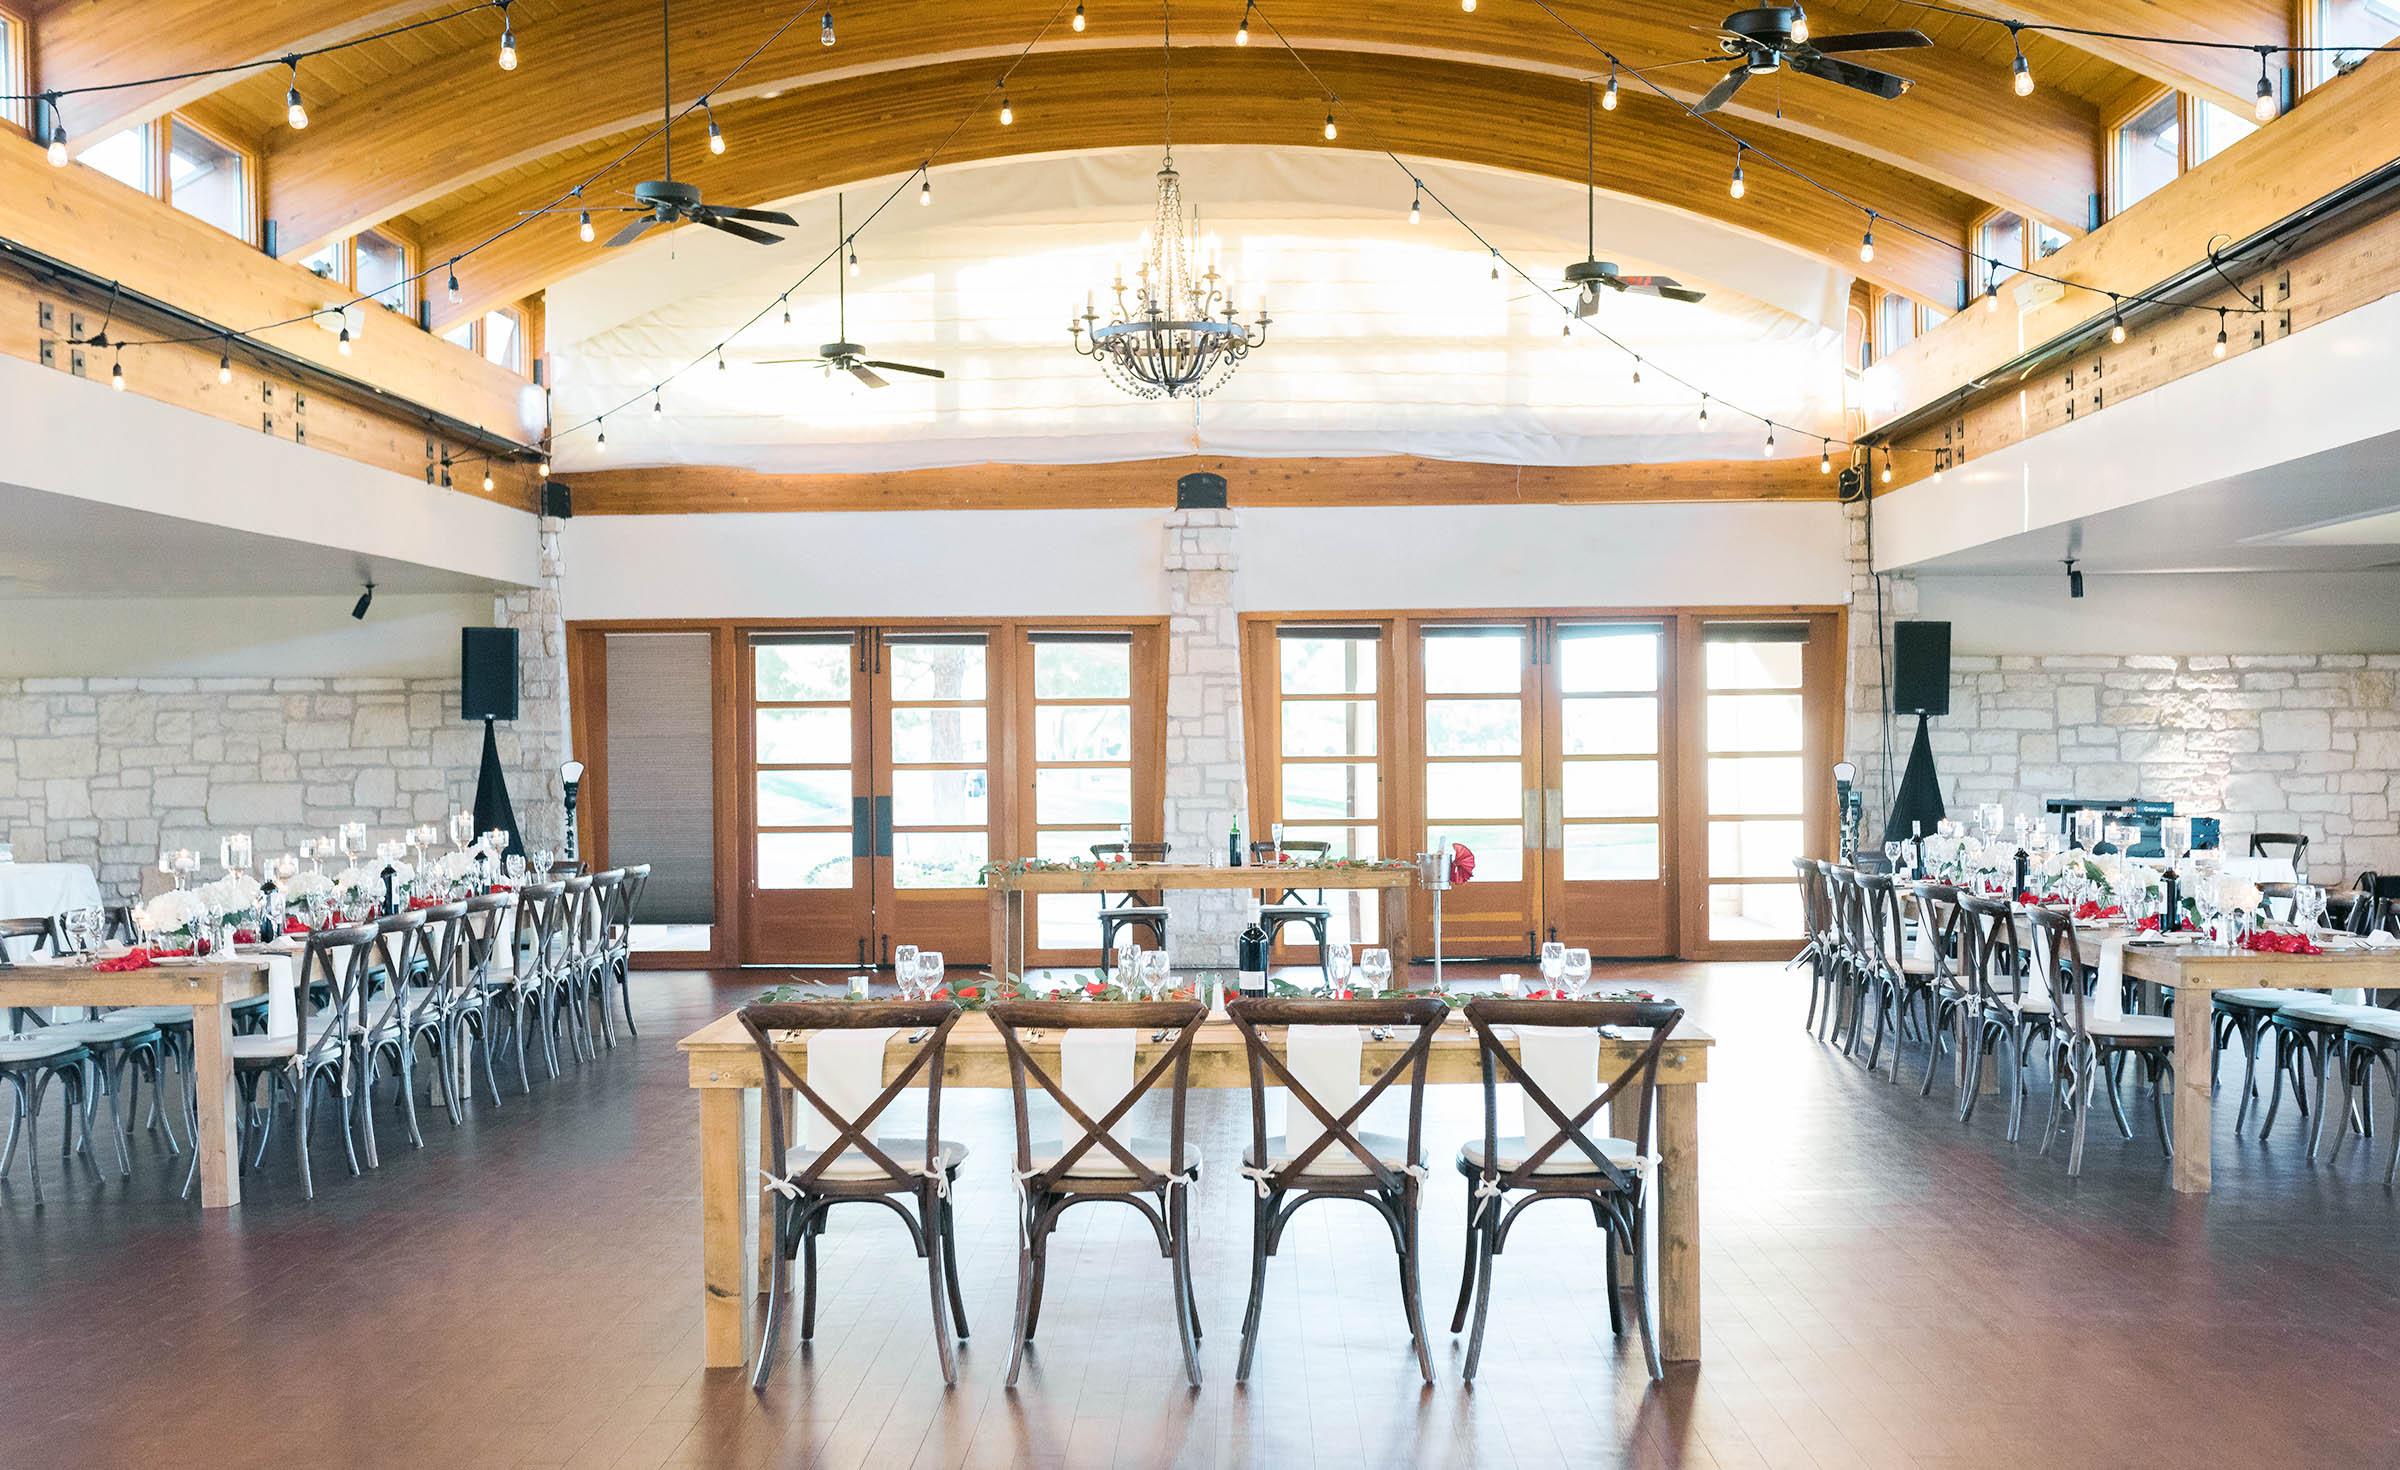 Indoor ballroom reception - Ocotillo - Chandler, Arizona - Maricopa County - Wedgewood Weddings